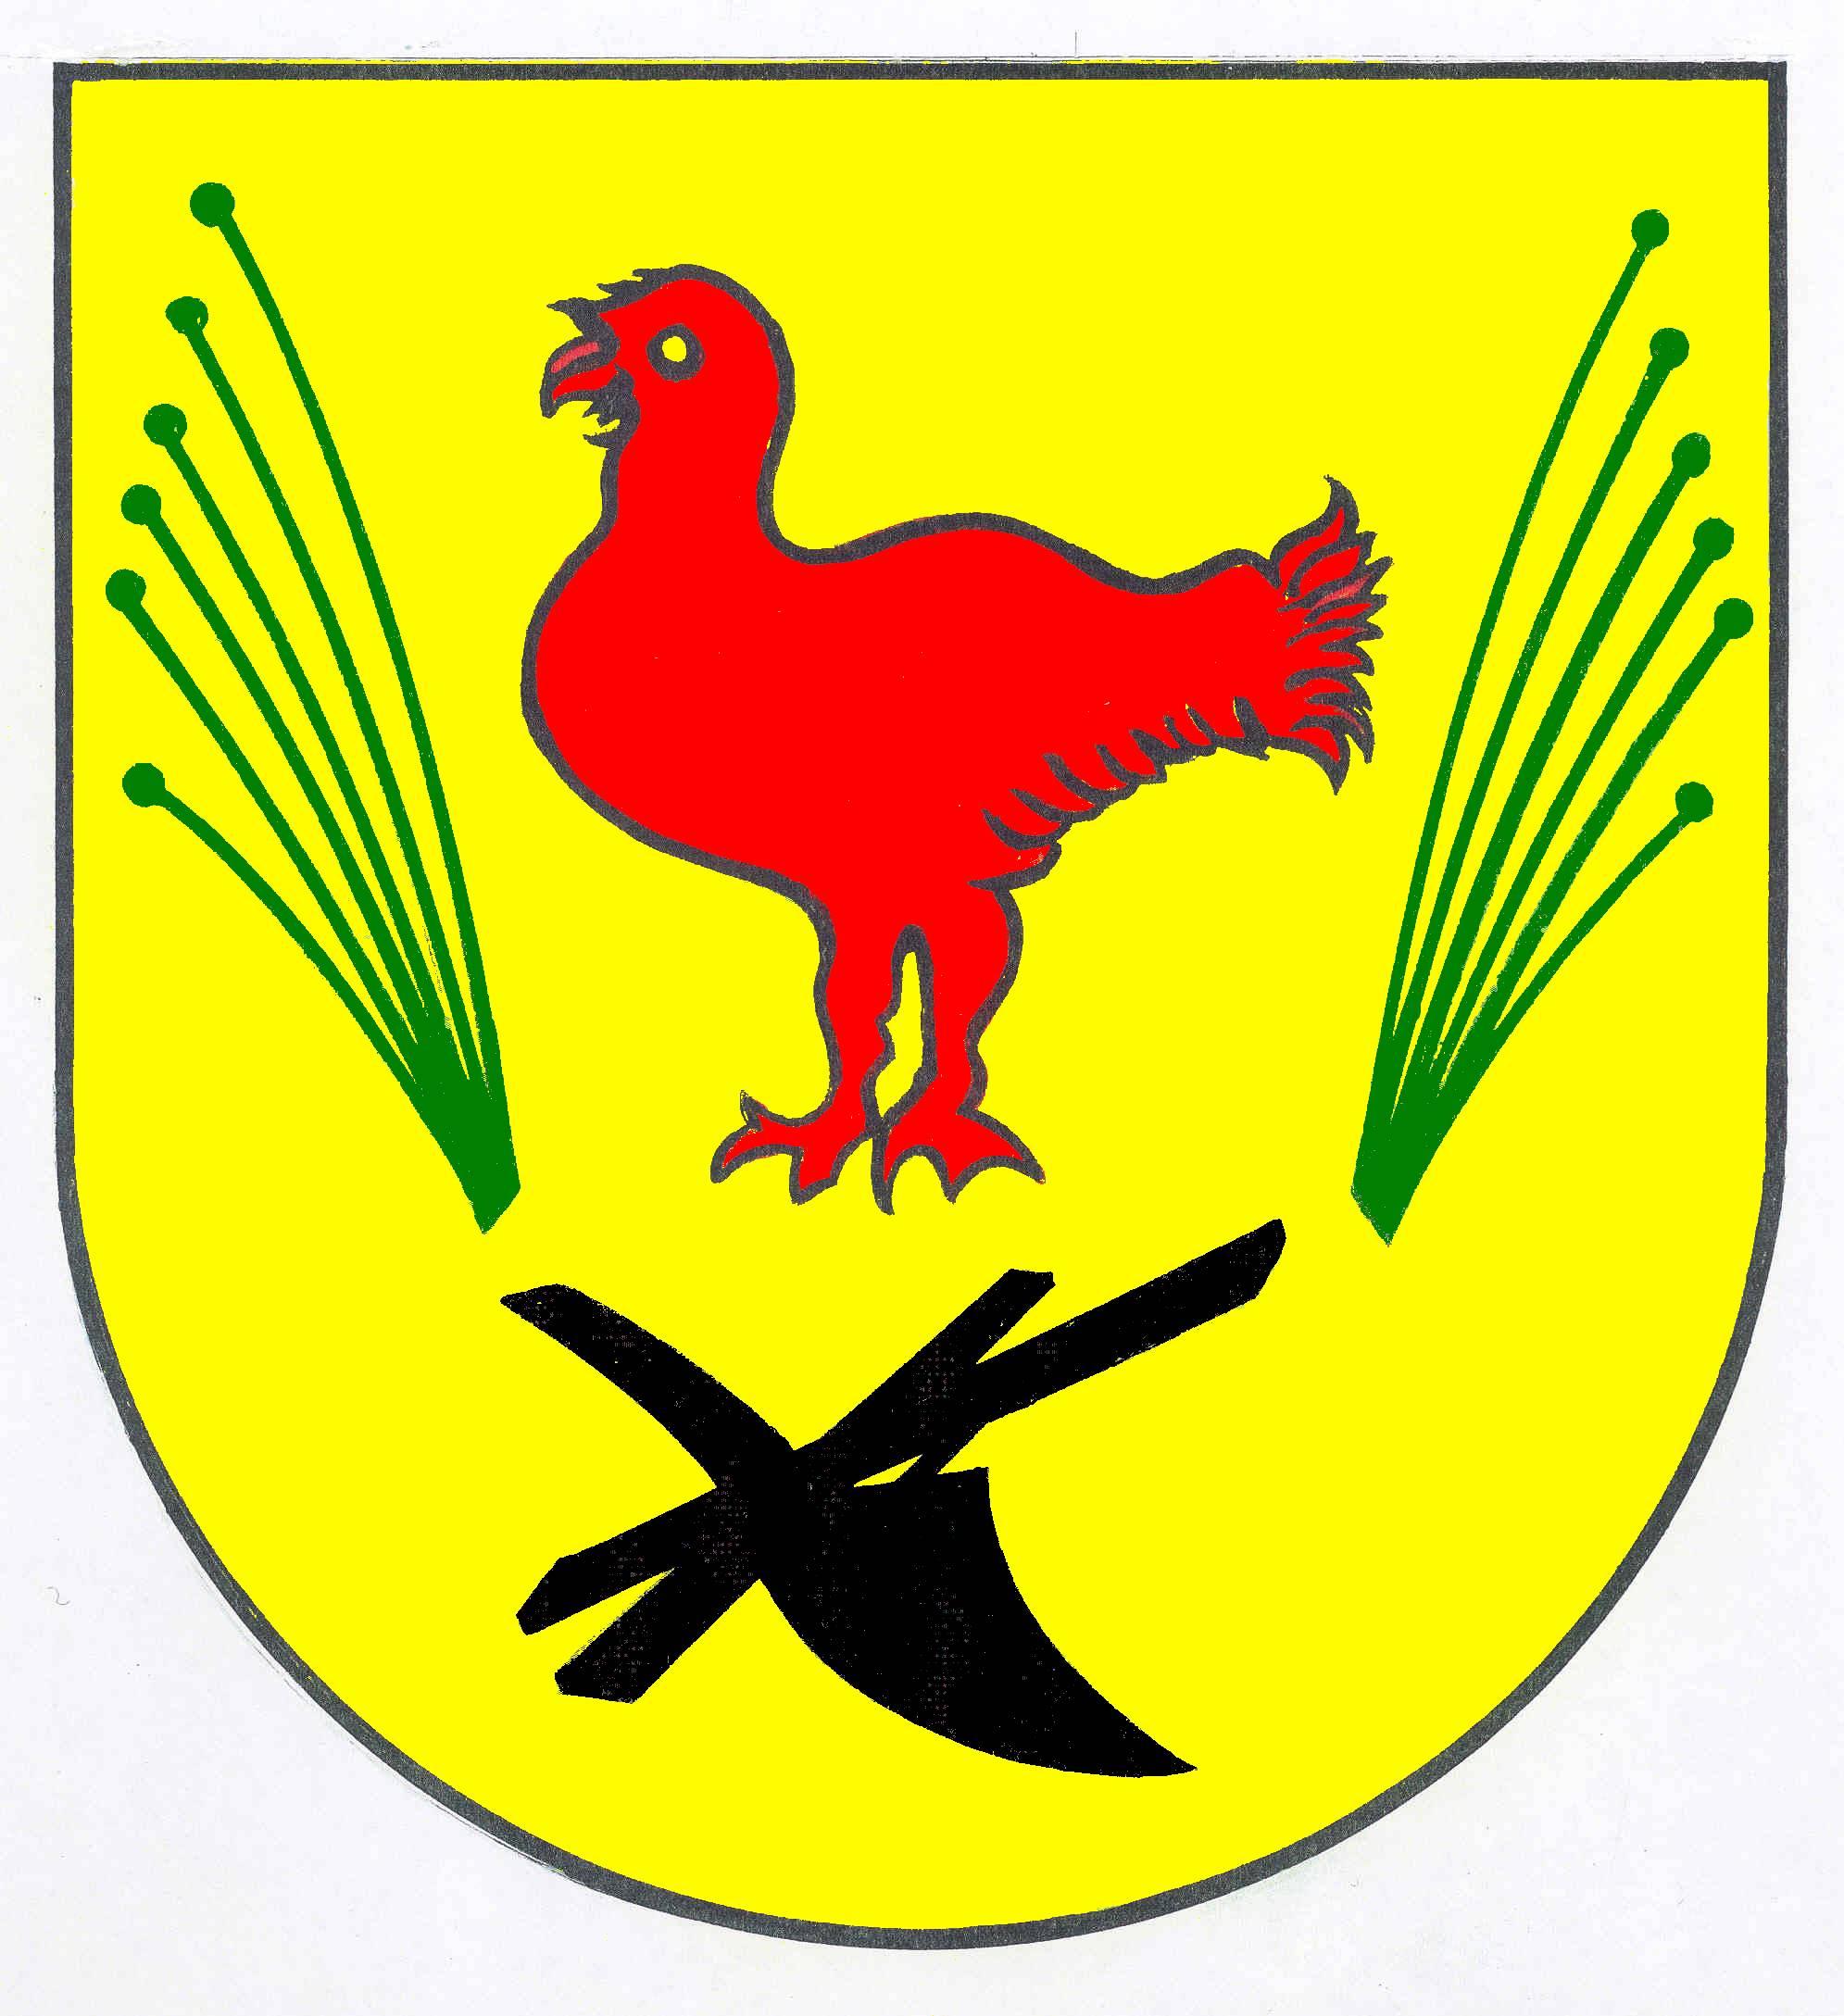 Wappen GemeindeBesenthal, Kreis Herzogtum Lauenburg